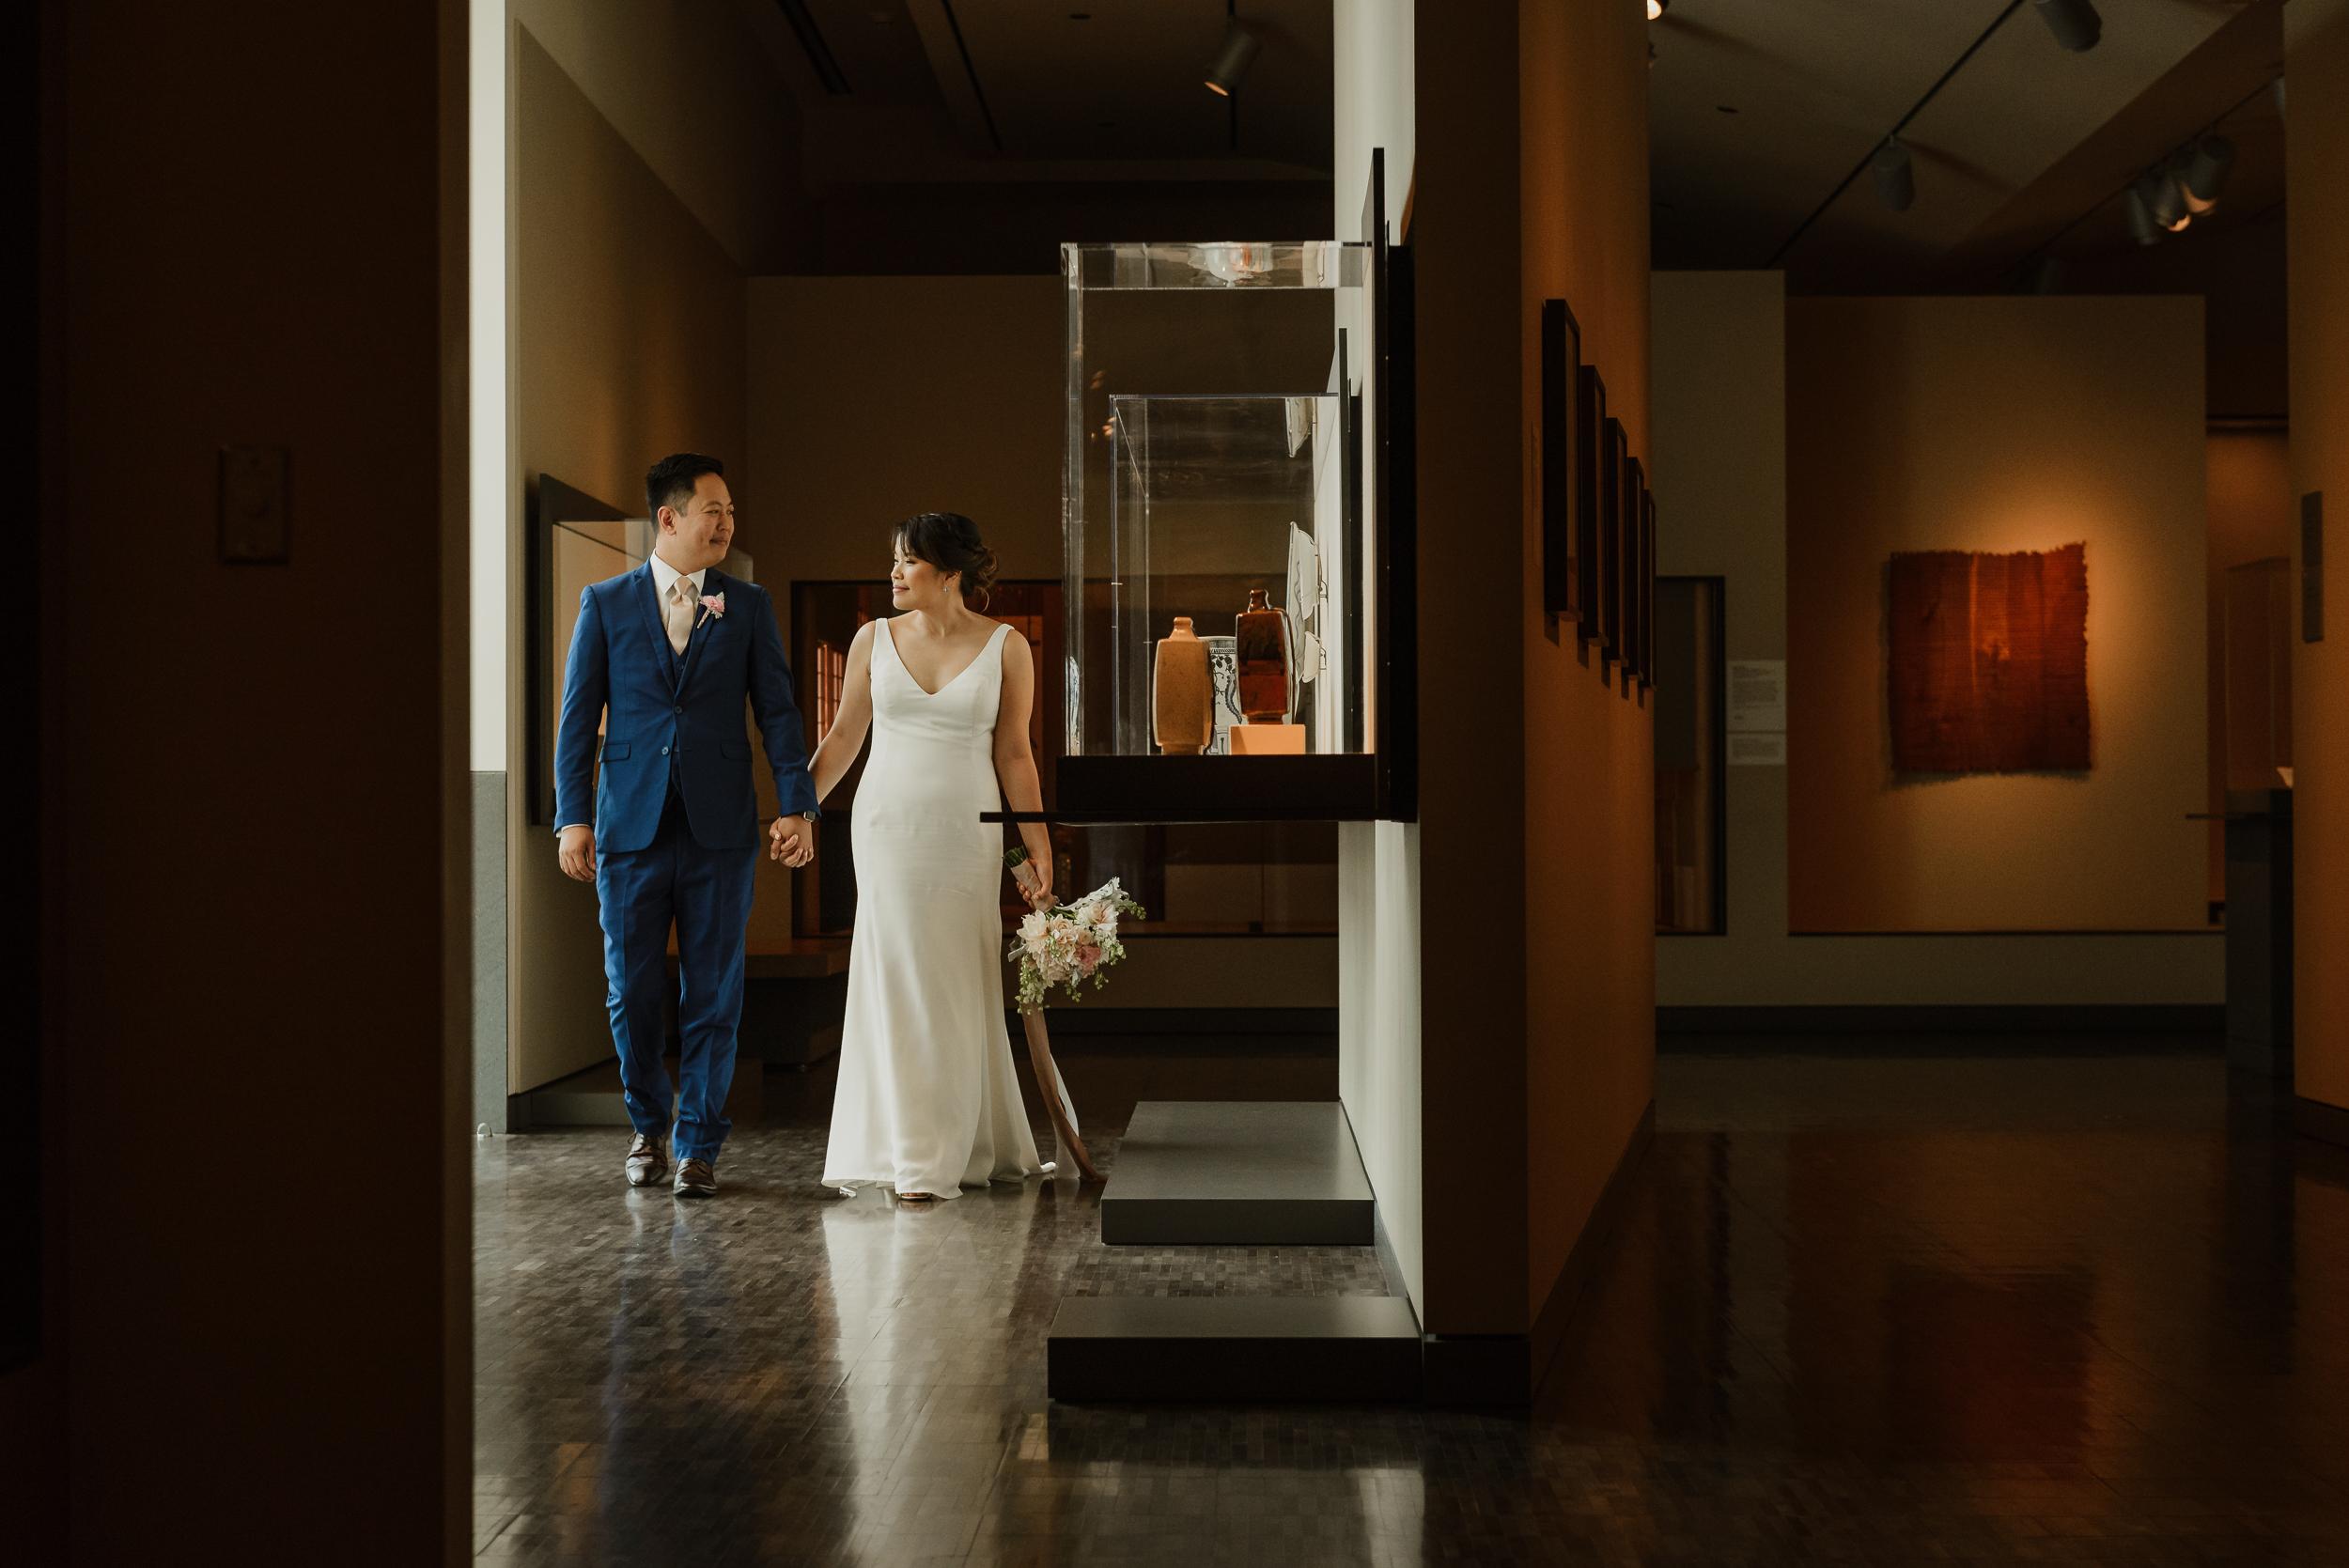 46-san-francisco-asian-art-museum-wedding-vivianchen-377.jpg